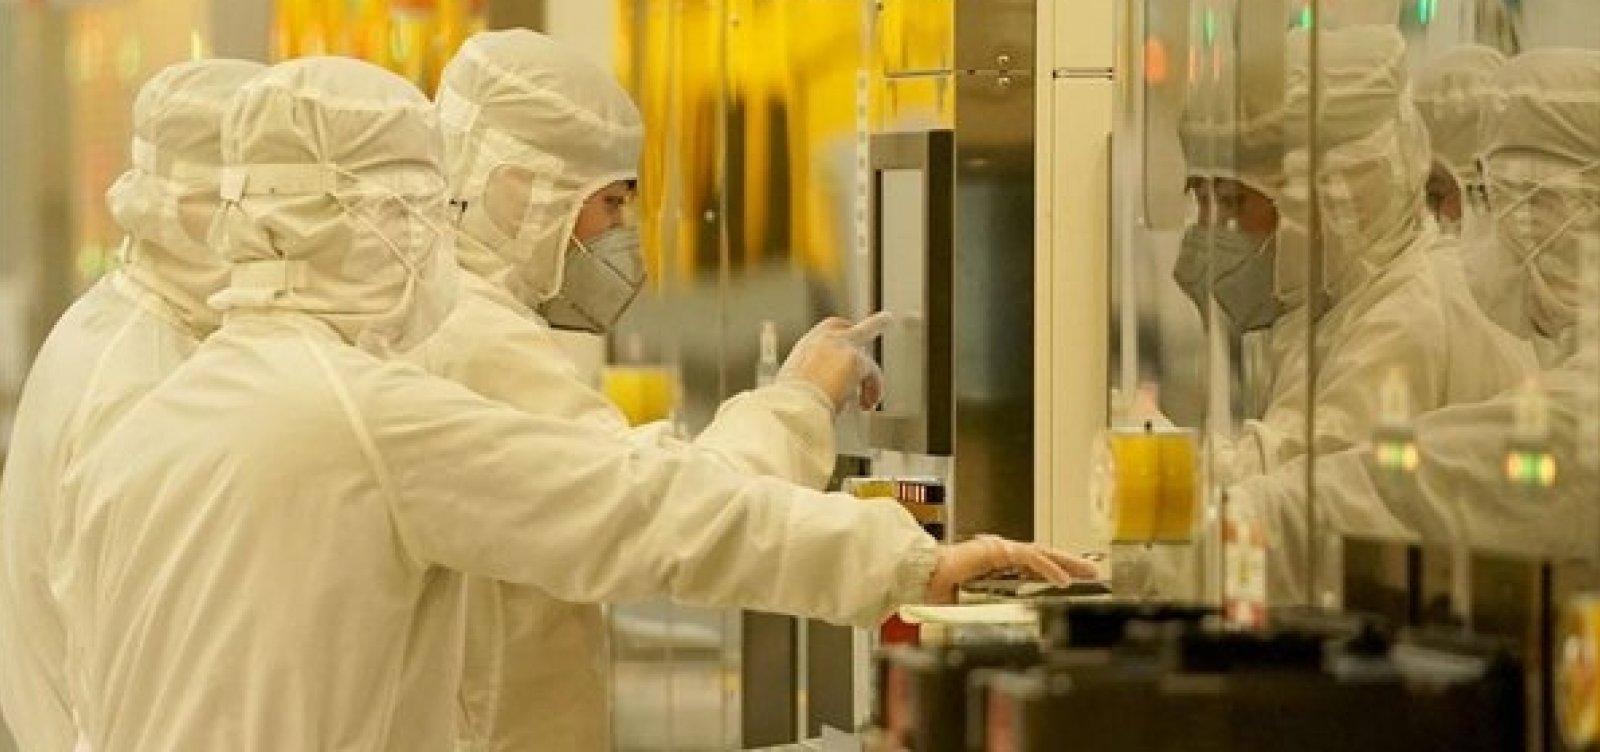 [Sem novos casos, primeiro epicentro do coronavírus voltará a permitir viagens na China]